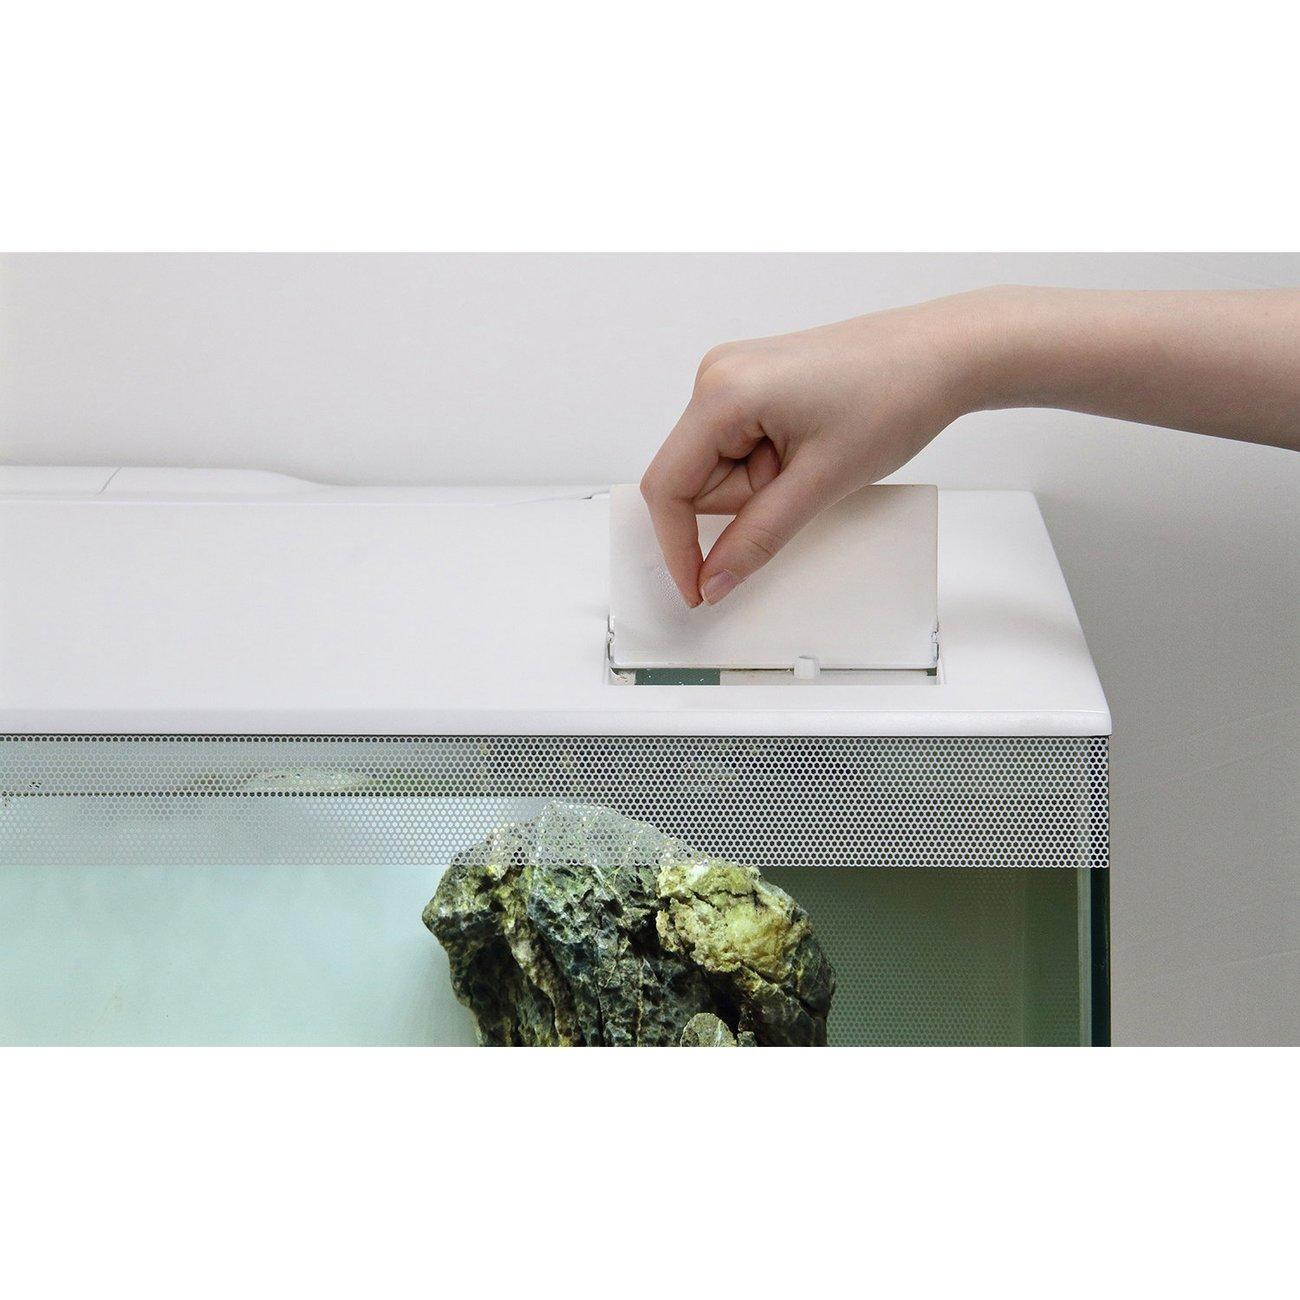 Fluval Flex 123 Liter Aquarium, Bild 11